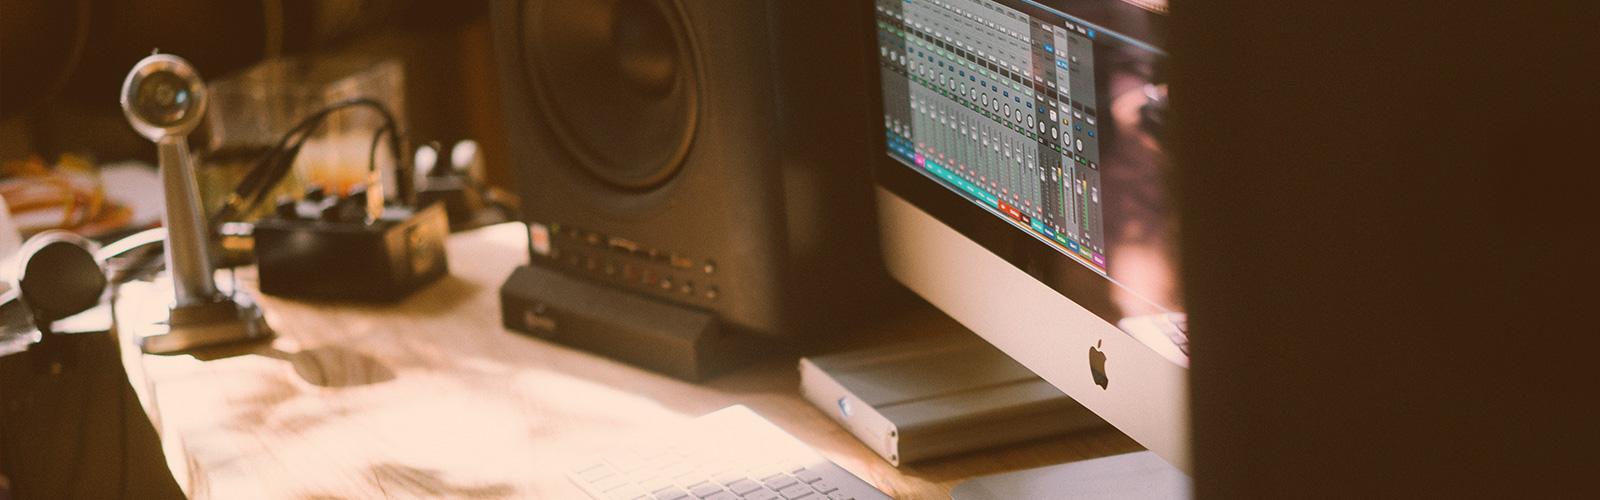 Quatre stations audionumériques conseillées pour les débutants